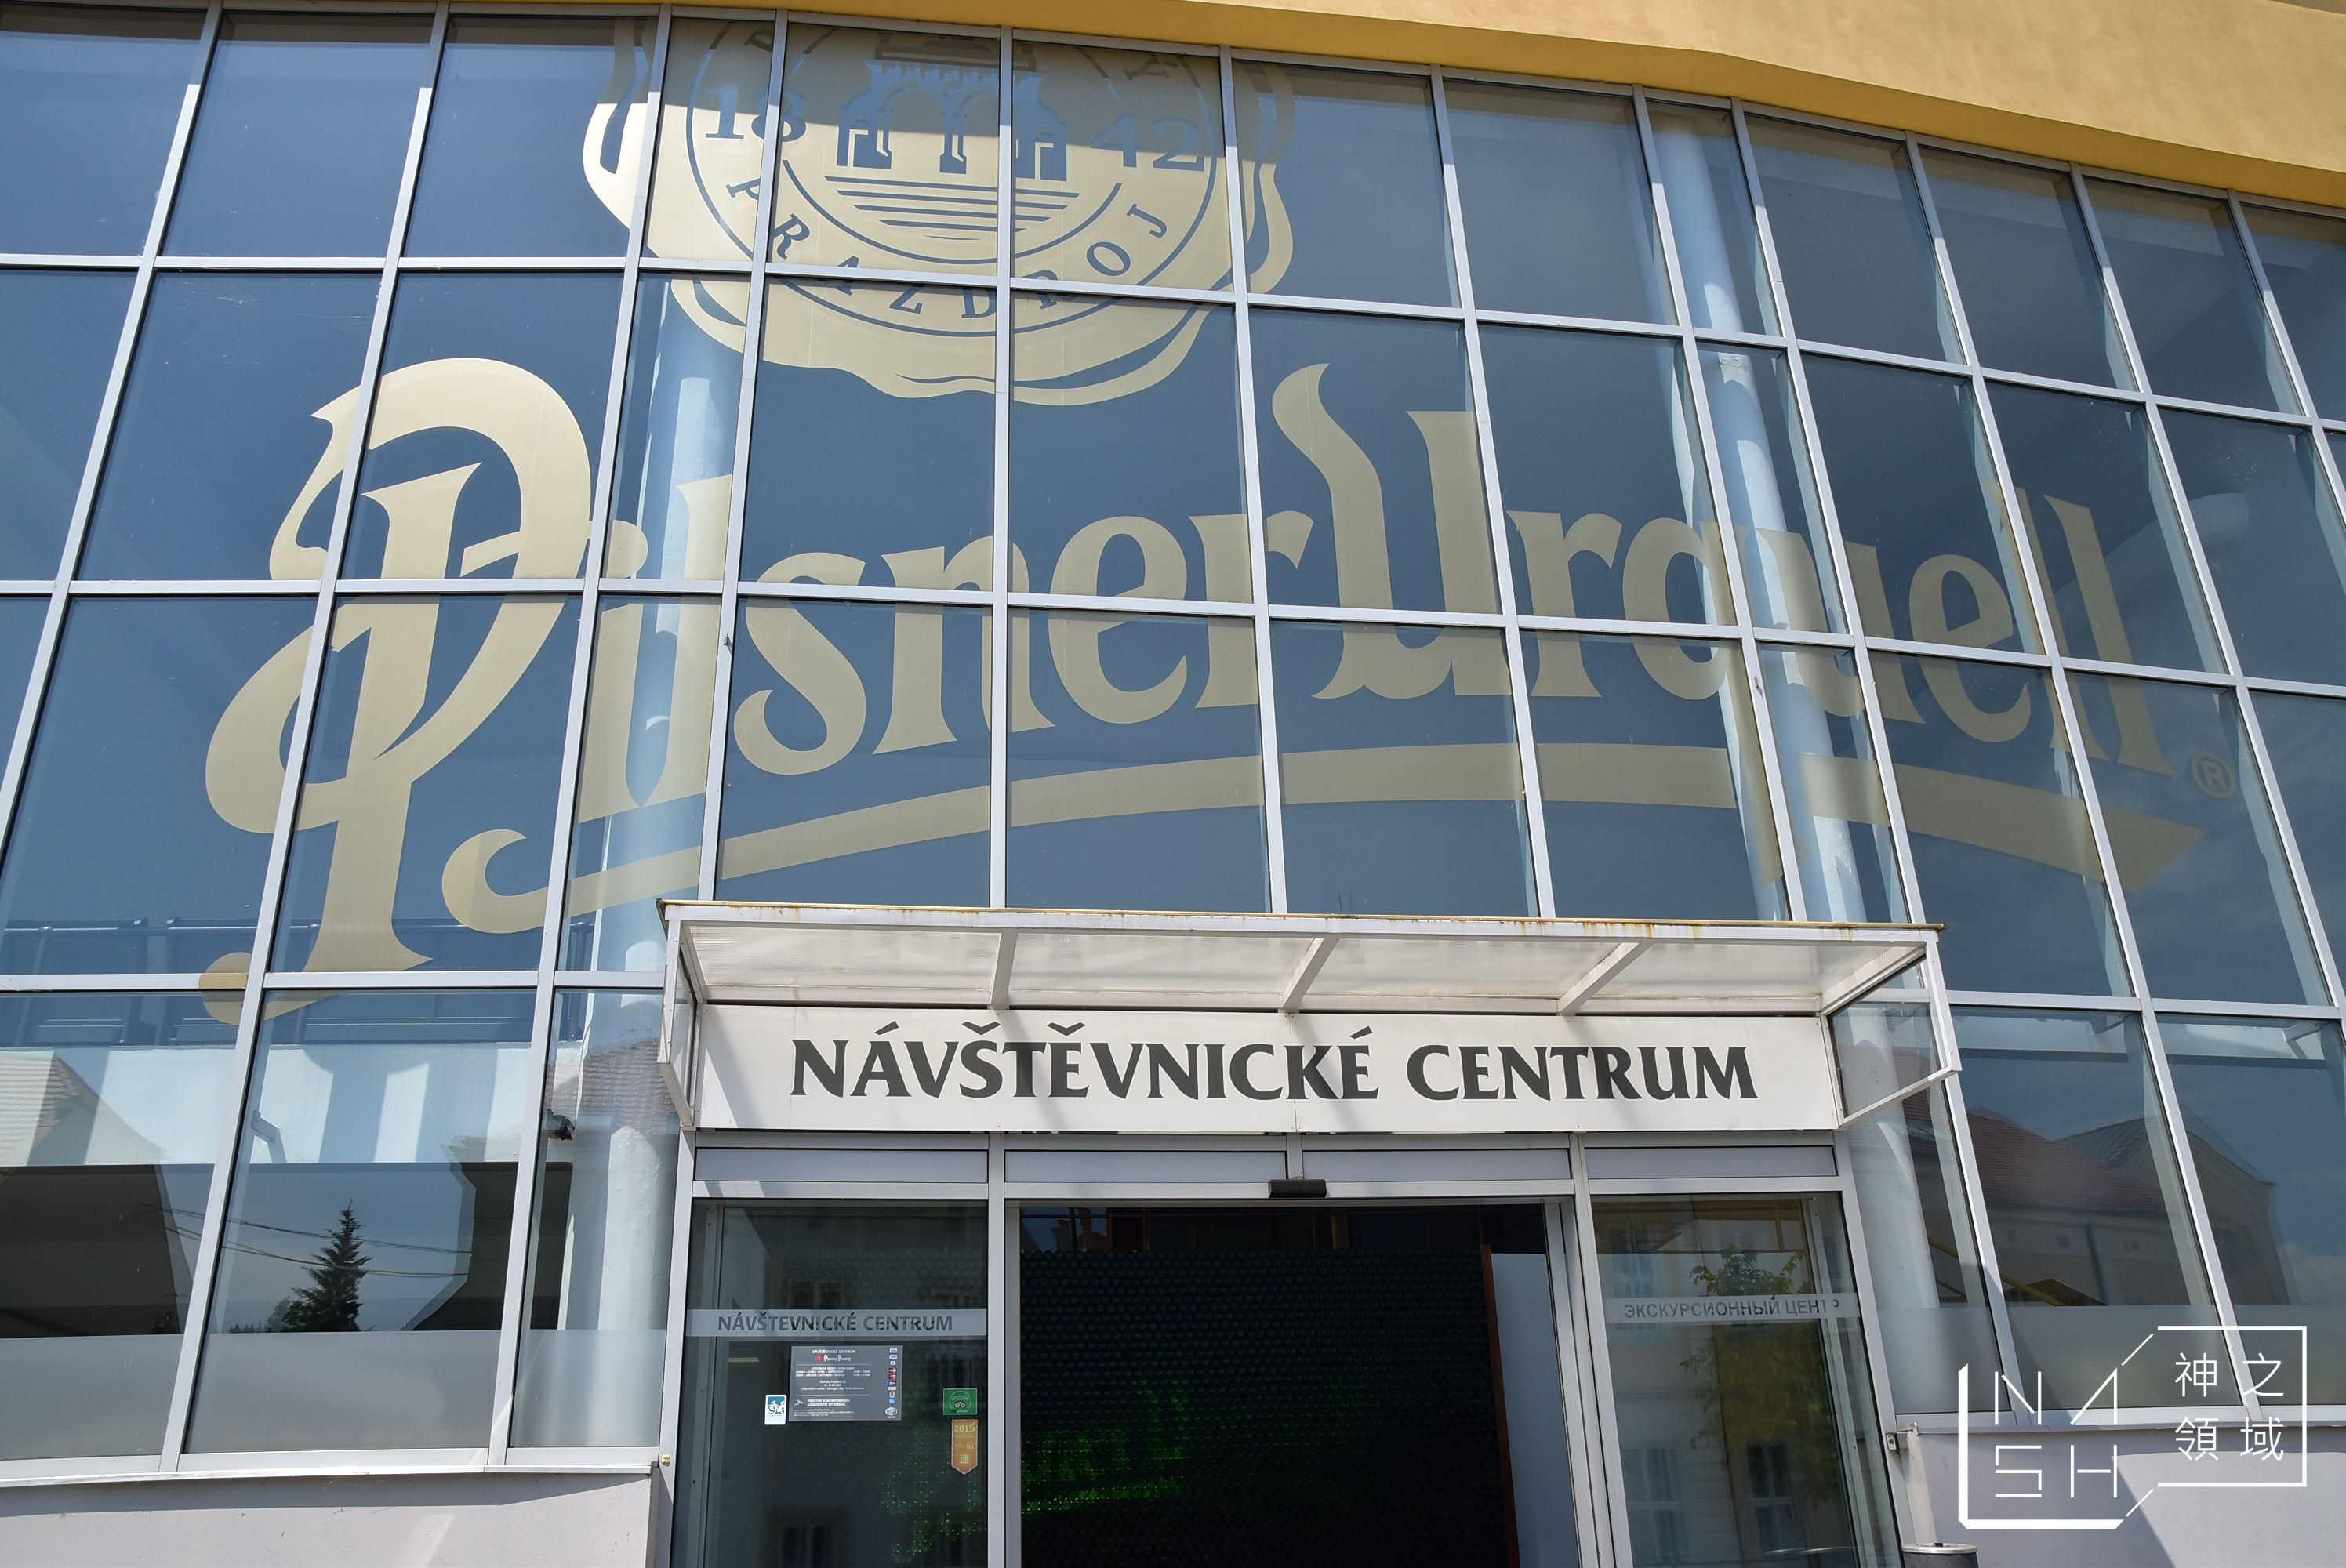 布拉格一日遊,皮爾森啤酒廠,Pilsner Urquell,皮爾森啤酒廠參觀,皮爾森啤酒廠布拉格,皮爾森啤酒廠門票,皮爾森啤酒廠交通 @Nash,神之領域